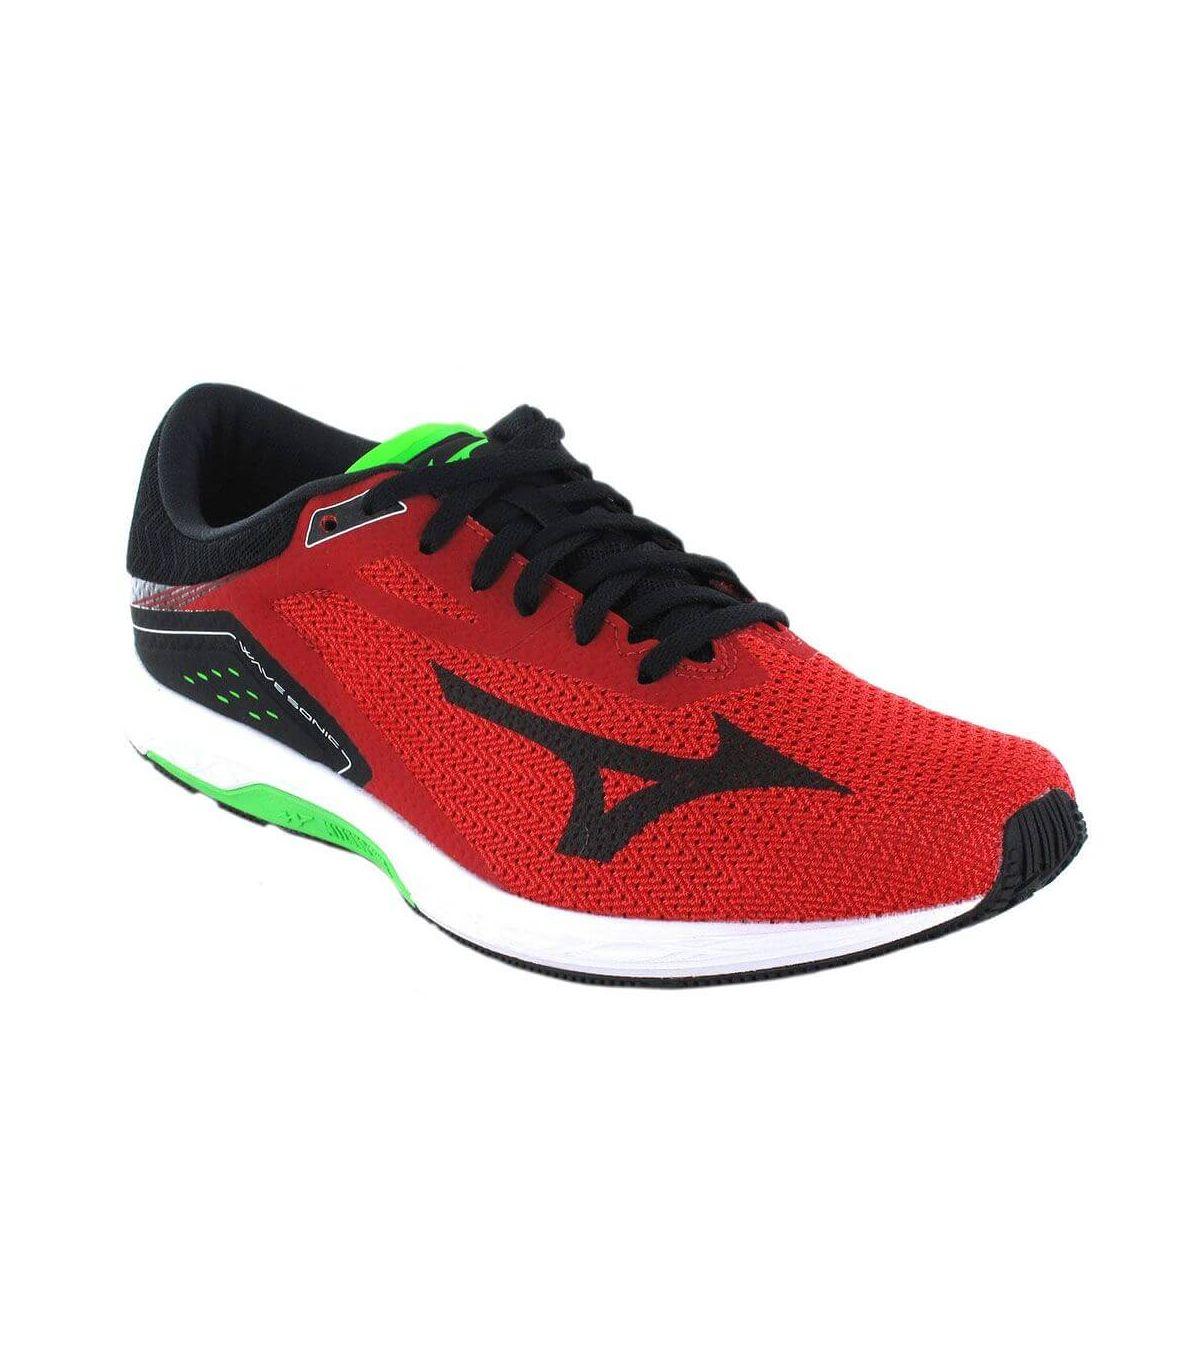 Mizuno Wave Sonic Rojo Mizuno Zapatillas Running Hombre Zapatillas Running Tallas: 44, 44,5, 45; Color: rojo